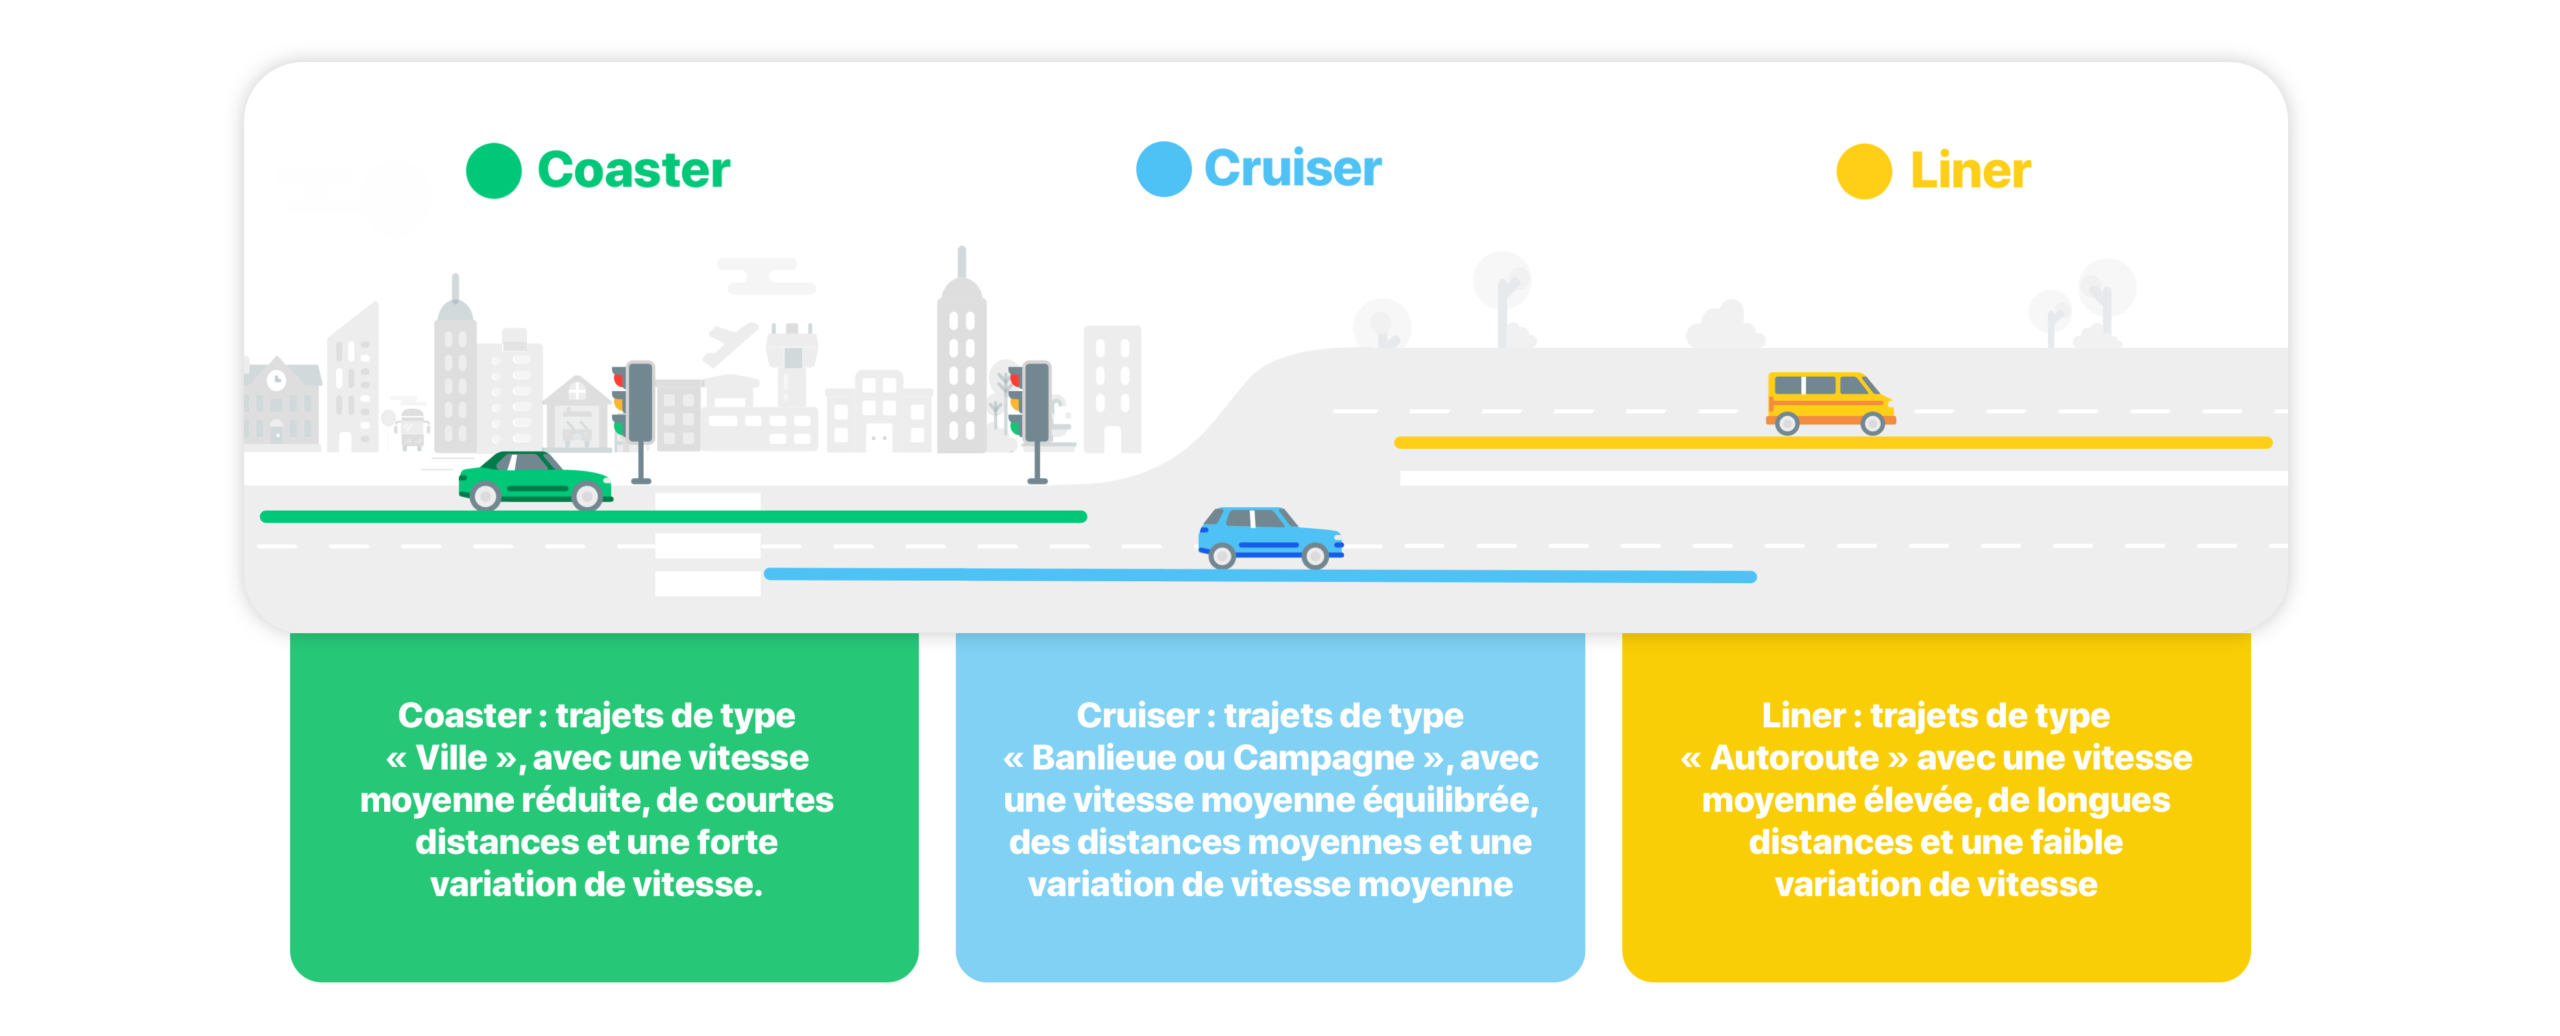 Types trajets e1604665025200 - Vos habitudes de conduite et votre vision de l'automobile de demain, en images.